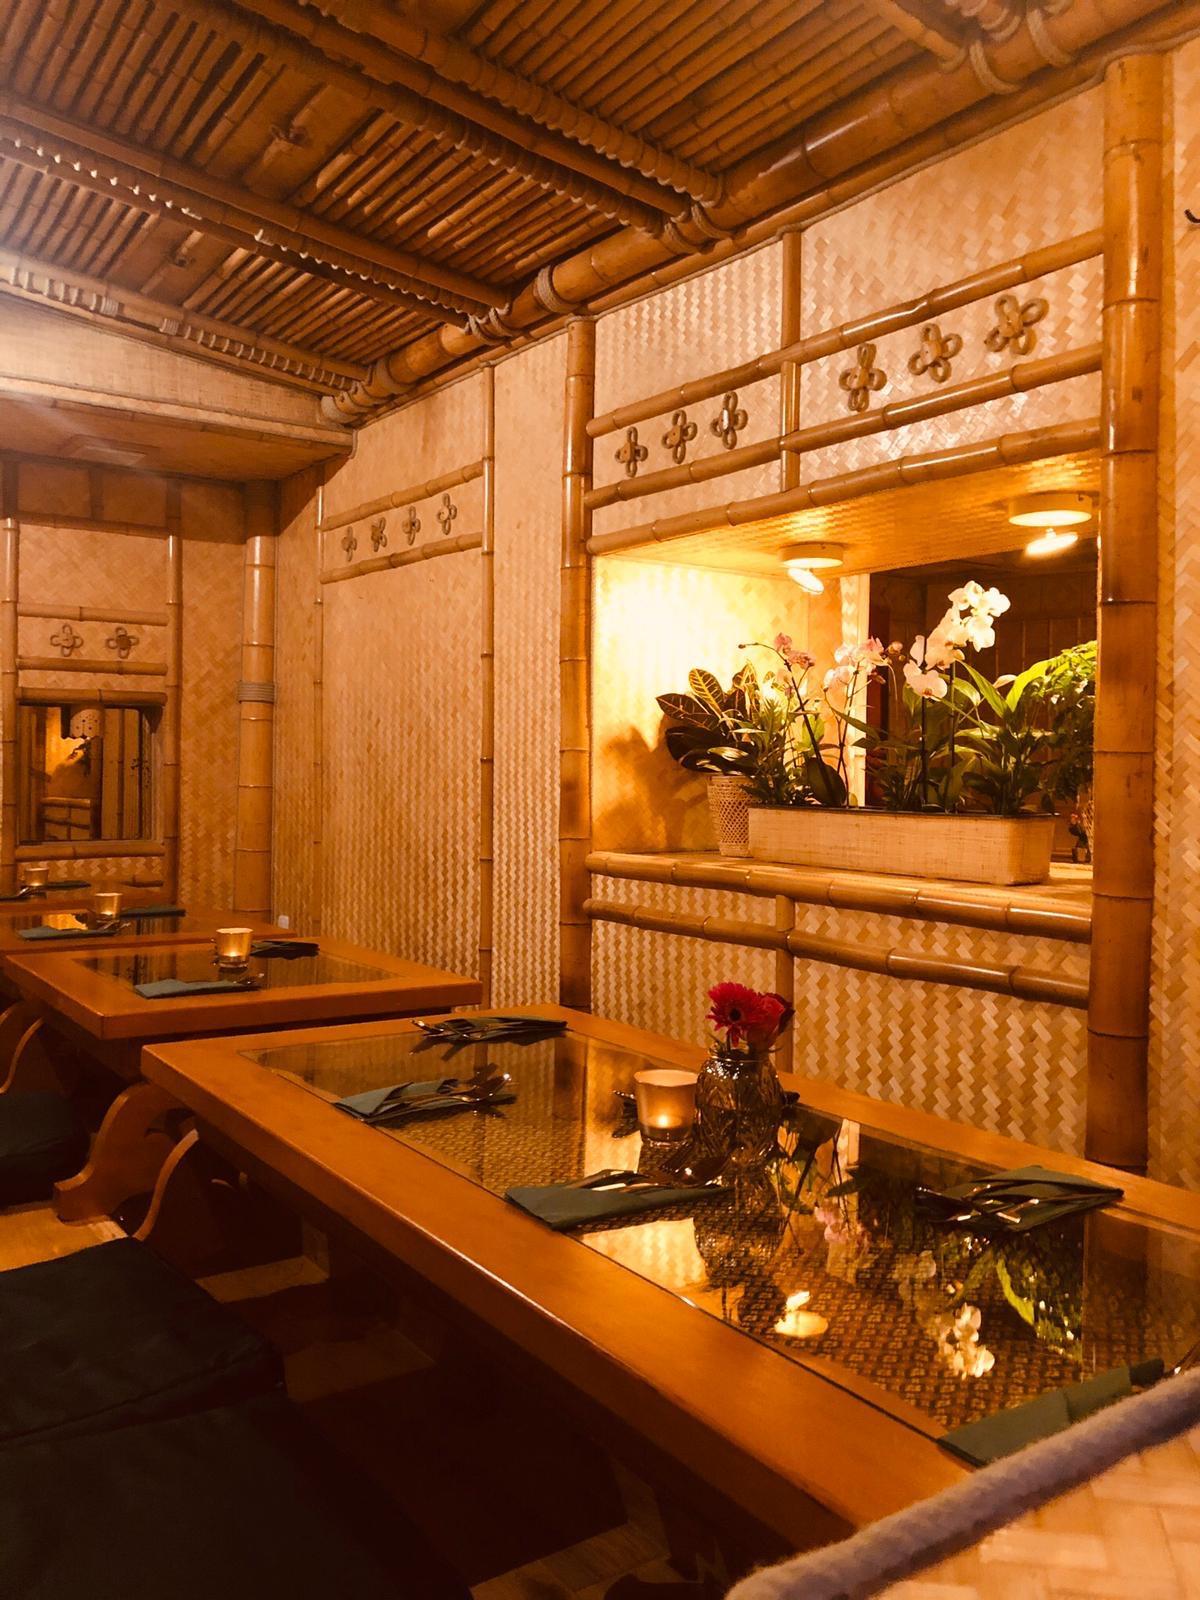 khon-thai-restaurant-raeumlichkeiten-traditioneller-raum-02